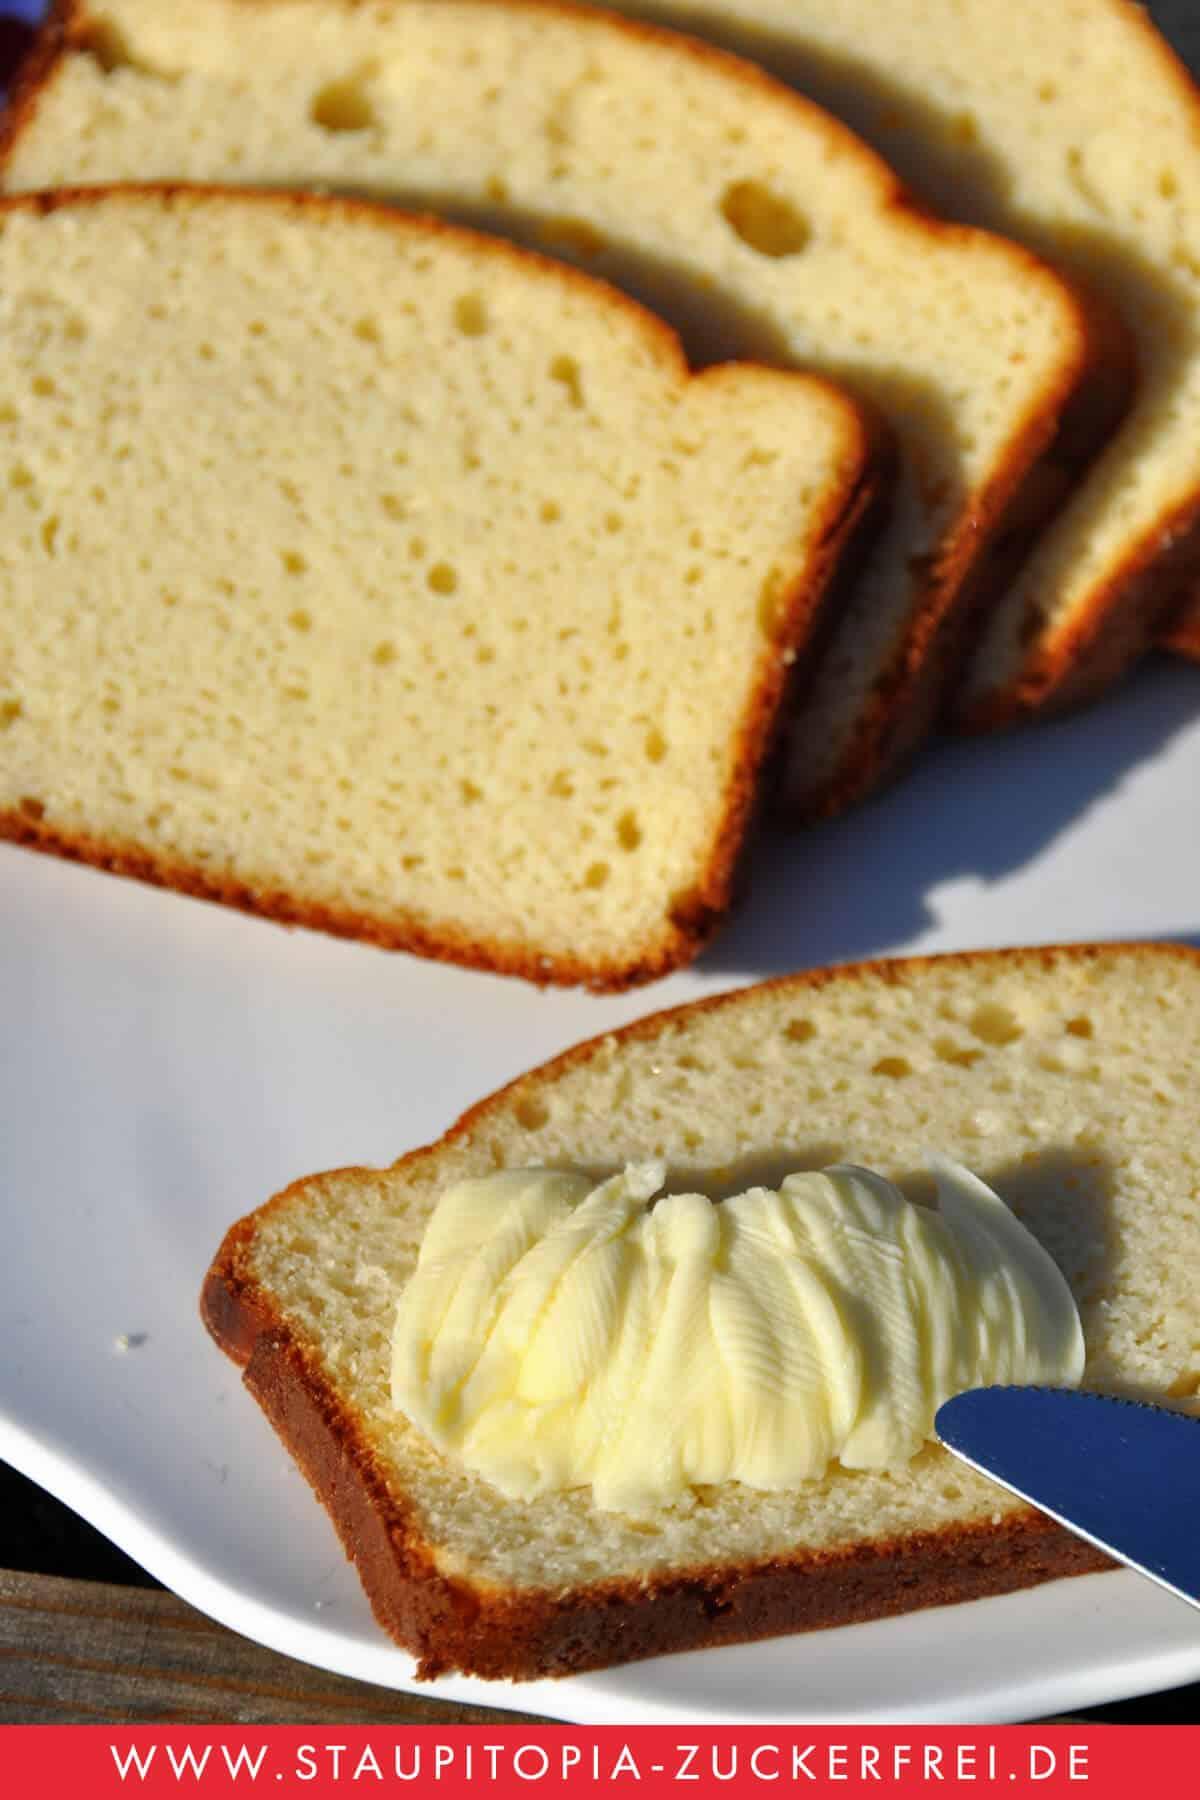 Versüße dir dein Low Carb Frühstück mit diesem einfachen Low Carb Brotrezept! Der Low Carb Stuten schmeckt hervorragend einfach nur zusammen mit Butter. Er ist einfach nachzumachen und perfekt für alle geeignet, die gerne auch mal ein süßes Low Carb Frühstück genießen! Hol dir jetzt das Rezept auf www.staupitopia-zuckerfrei.de #lowcarbbrot #brotersatz #lowcarbstuten #lowcarbfrühstück #